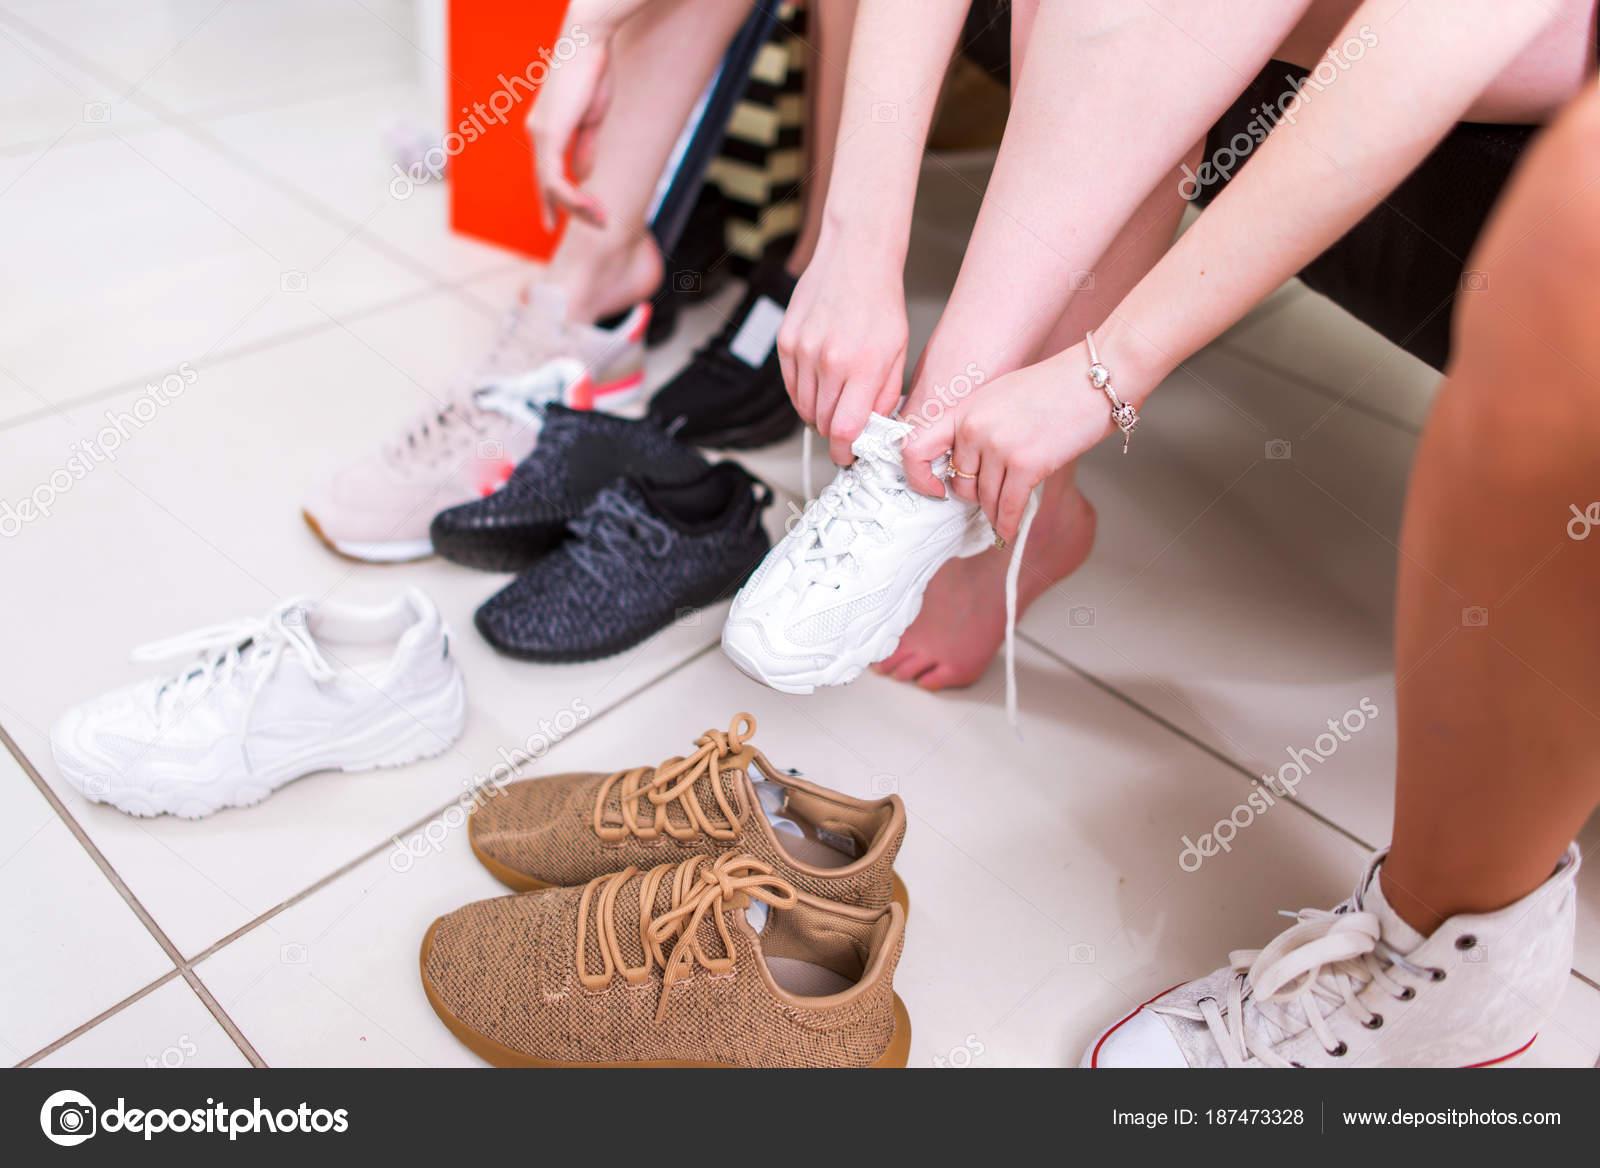 Imagen Deportes Recortar Los En De Adolescentes Probando Zapatos DIeYE9WH2b